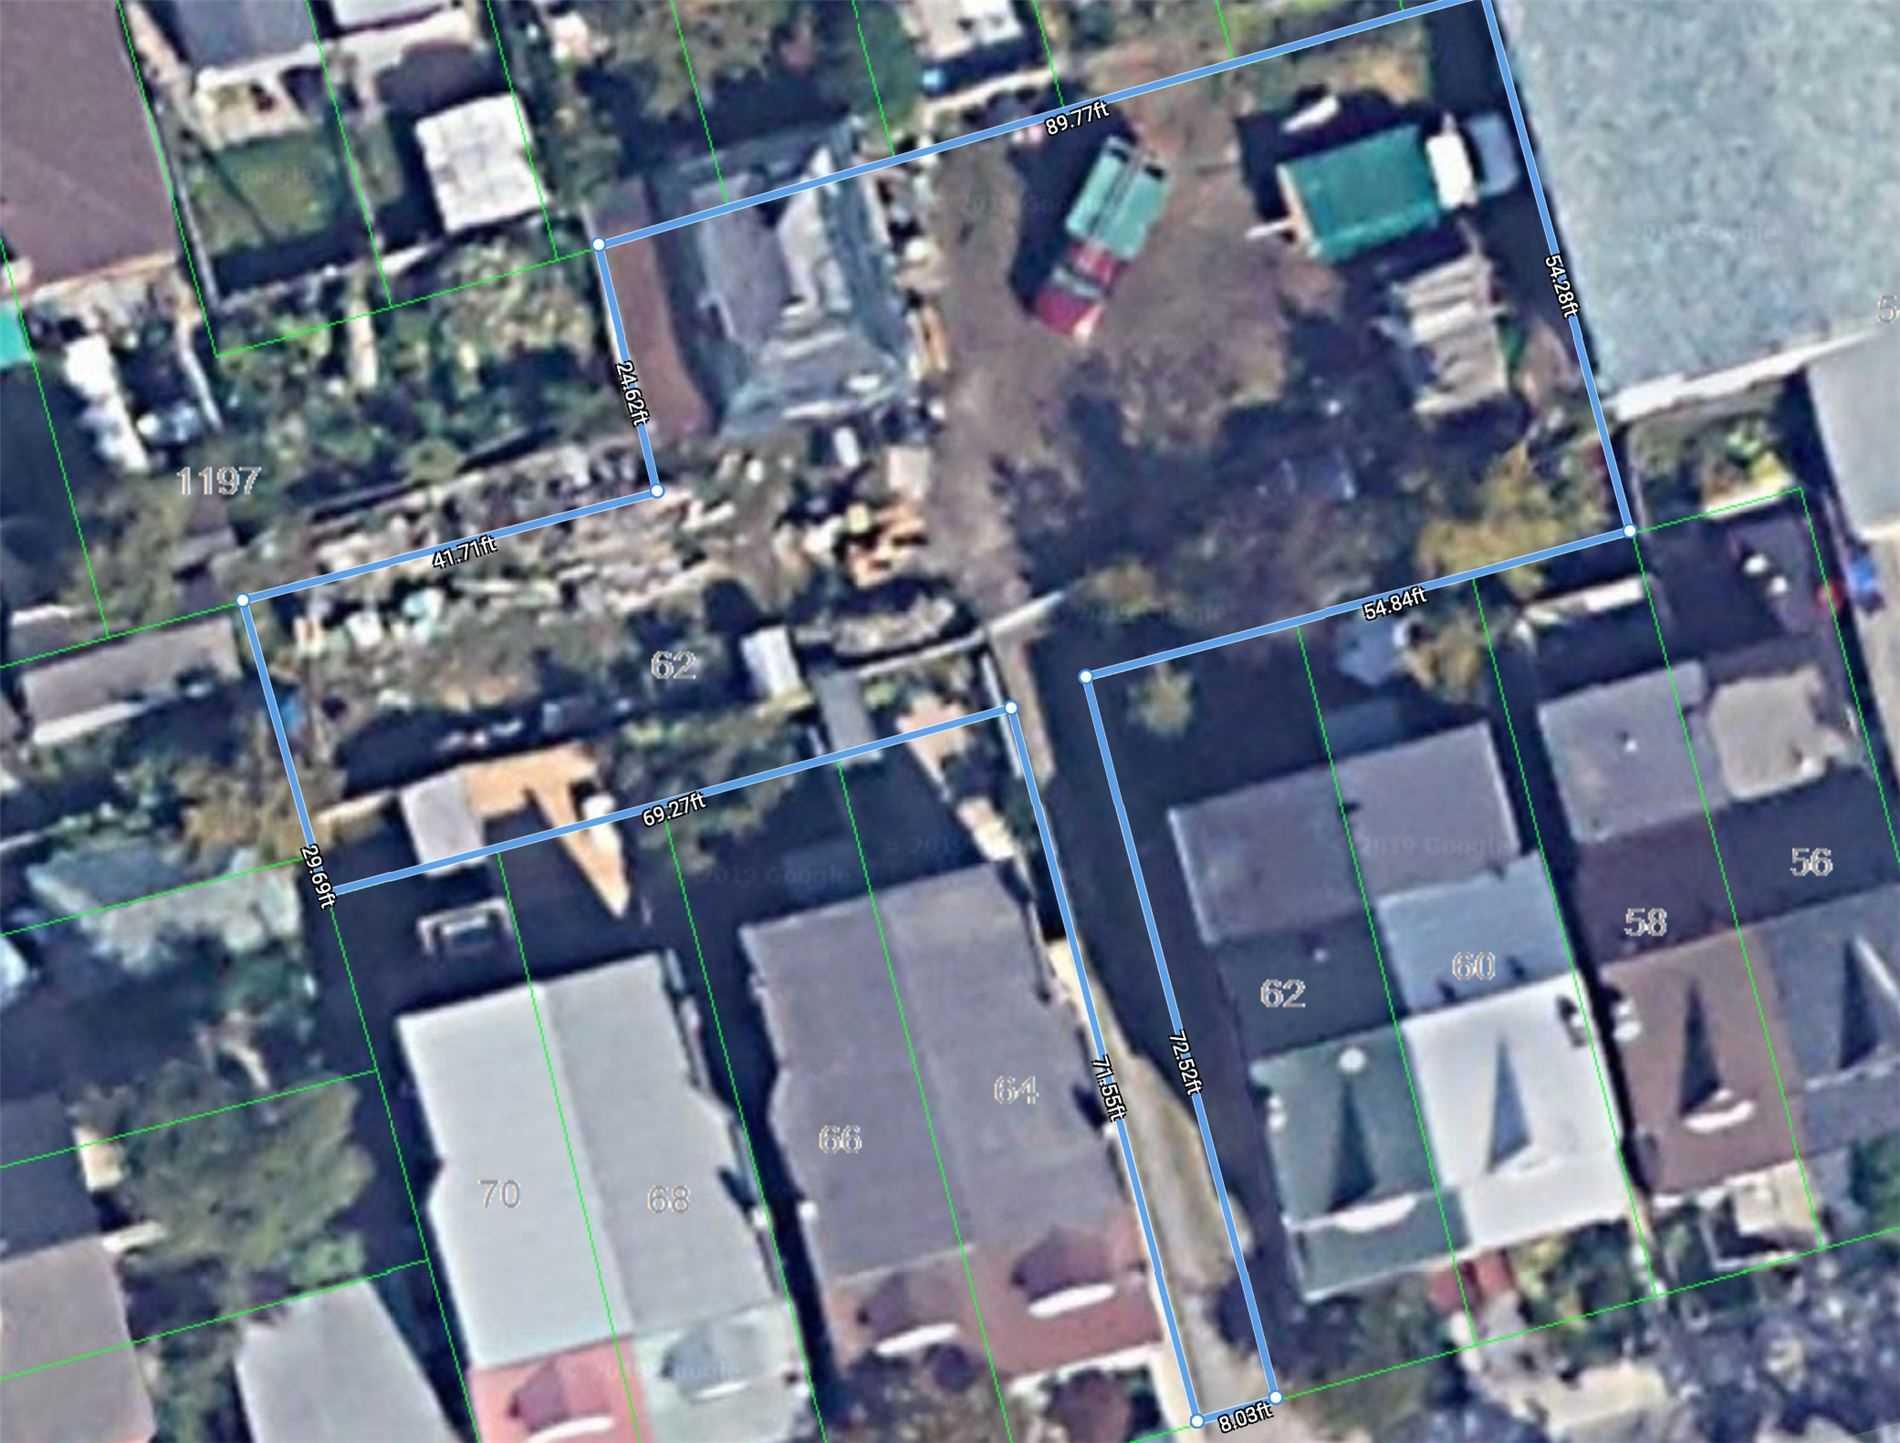 62A Moutray St, Toronto, M6K1W5